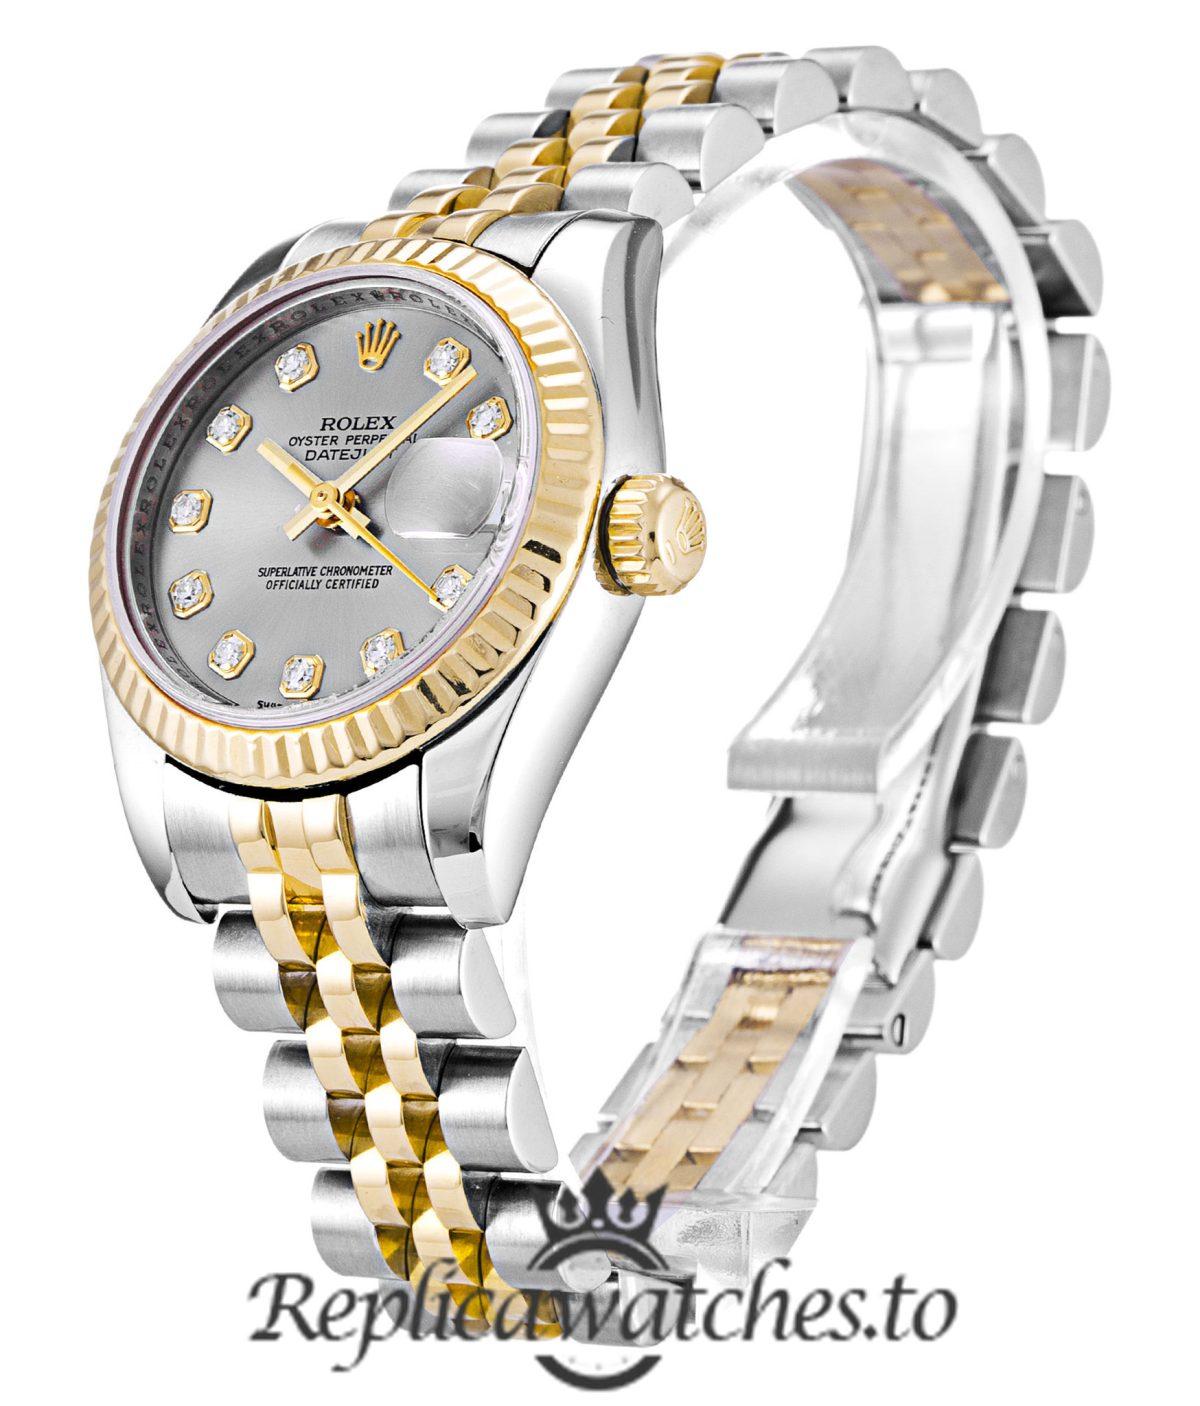 Rolex Datejust Replica 179173 004 Yellow Gold Bezel 26MM